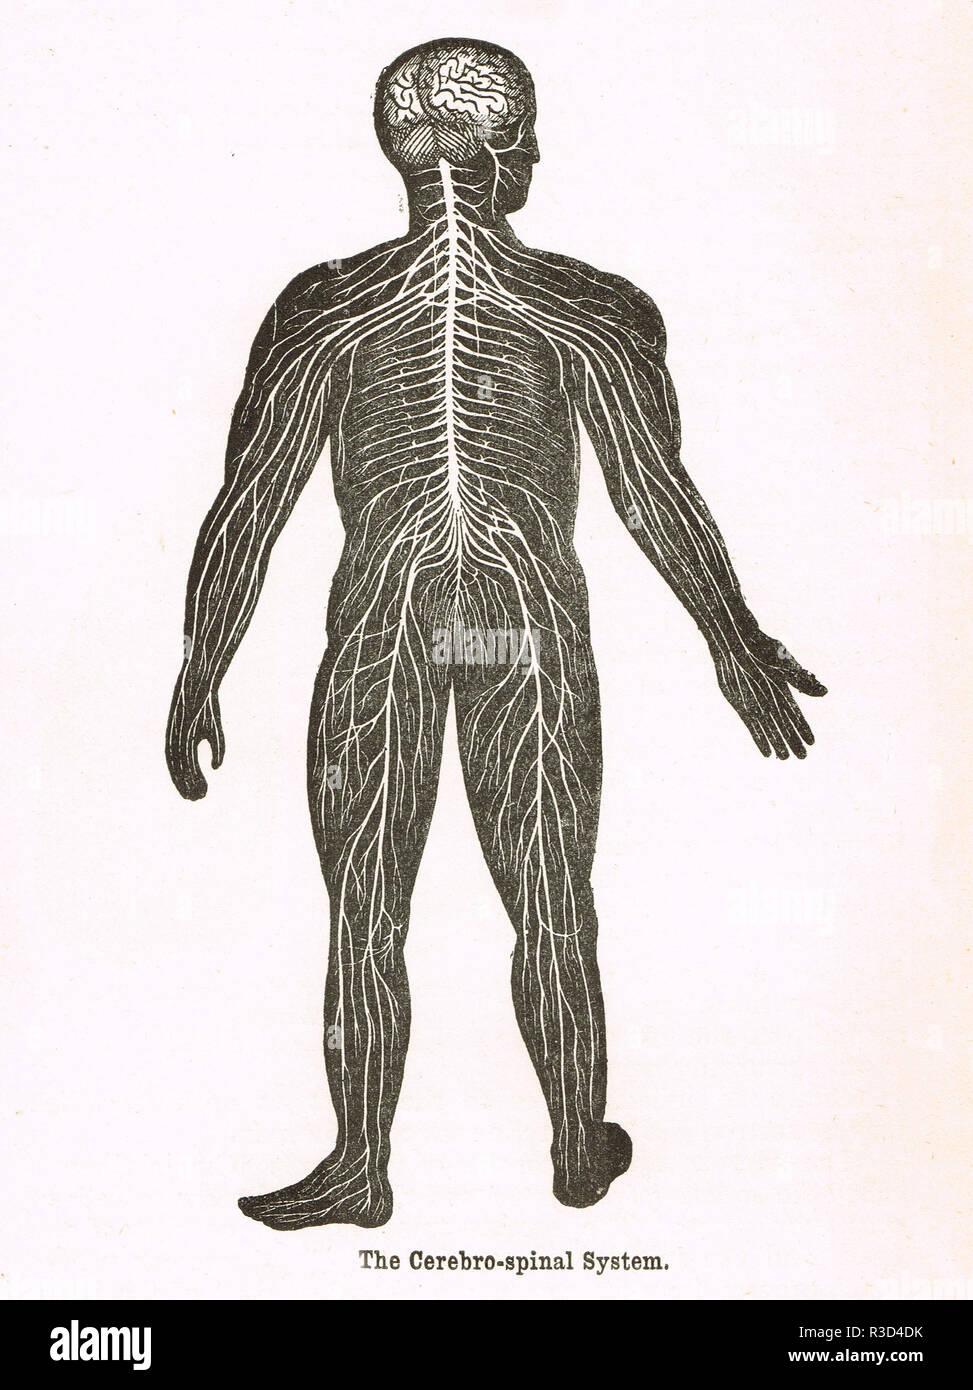 El sistema cerebro-espinal, el cuerpo humano. Un diagrama del siglo XIX. Imagen De Stock